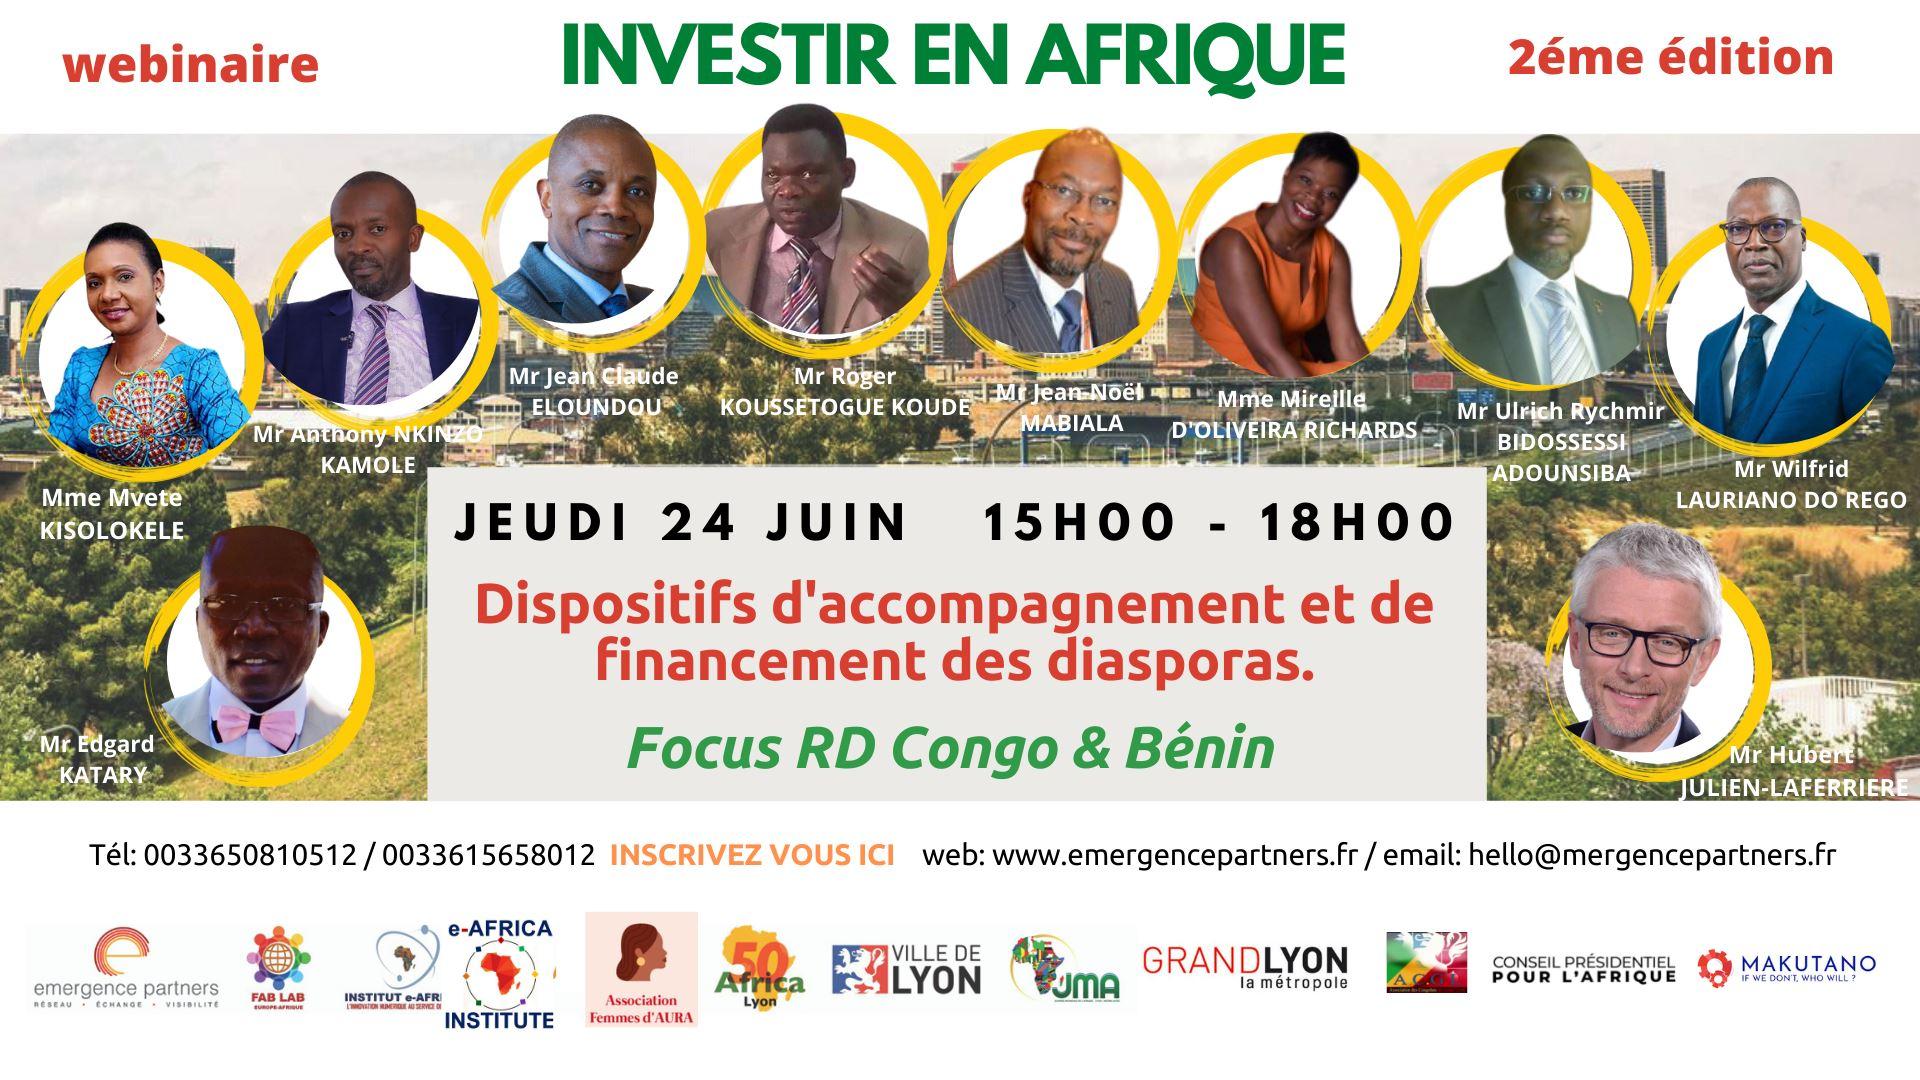 """[ECONOMIE] 2e édition """"Investir en Afrique"""" Les dispositifs d'accompagnement et de financement de la diasporas jeudi 24 juin 2021 de 15h à 18h"""